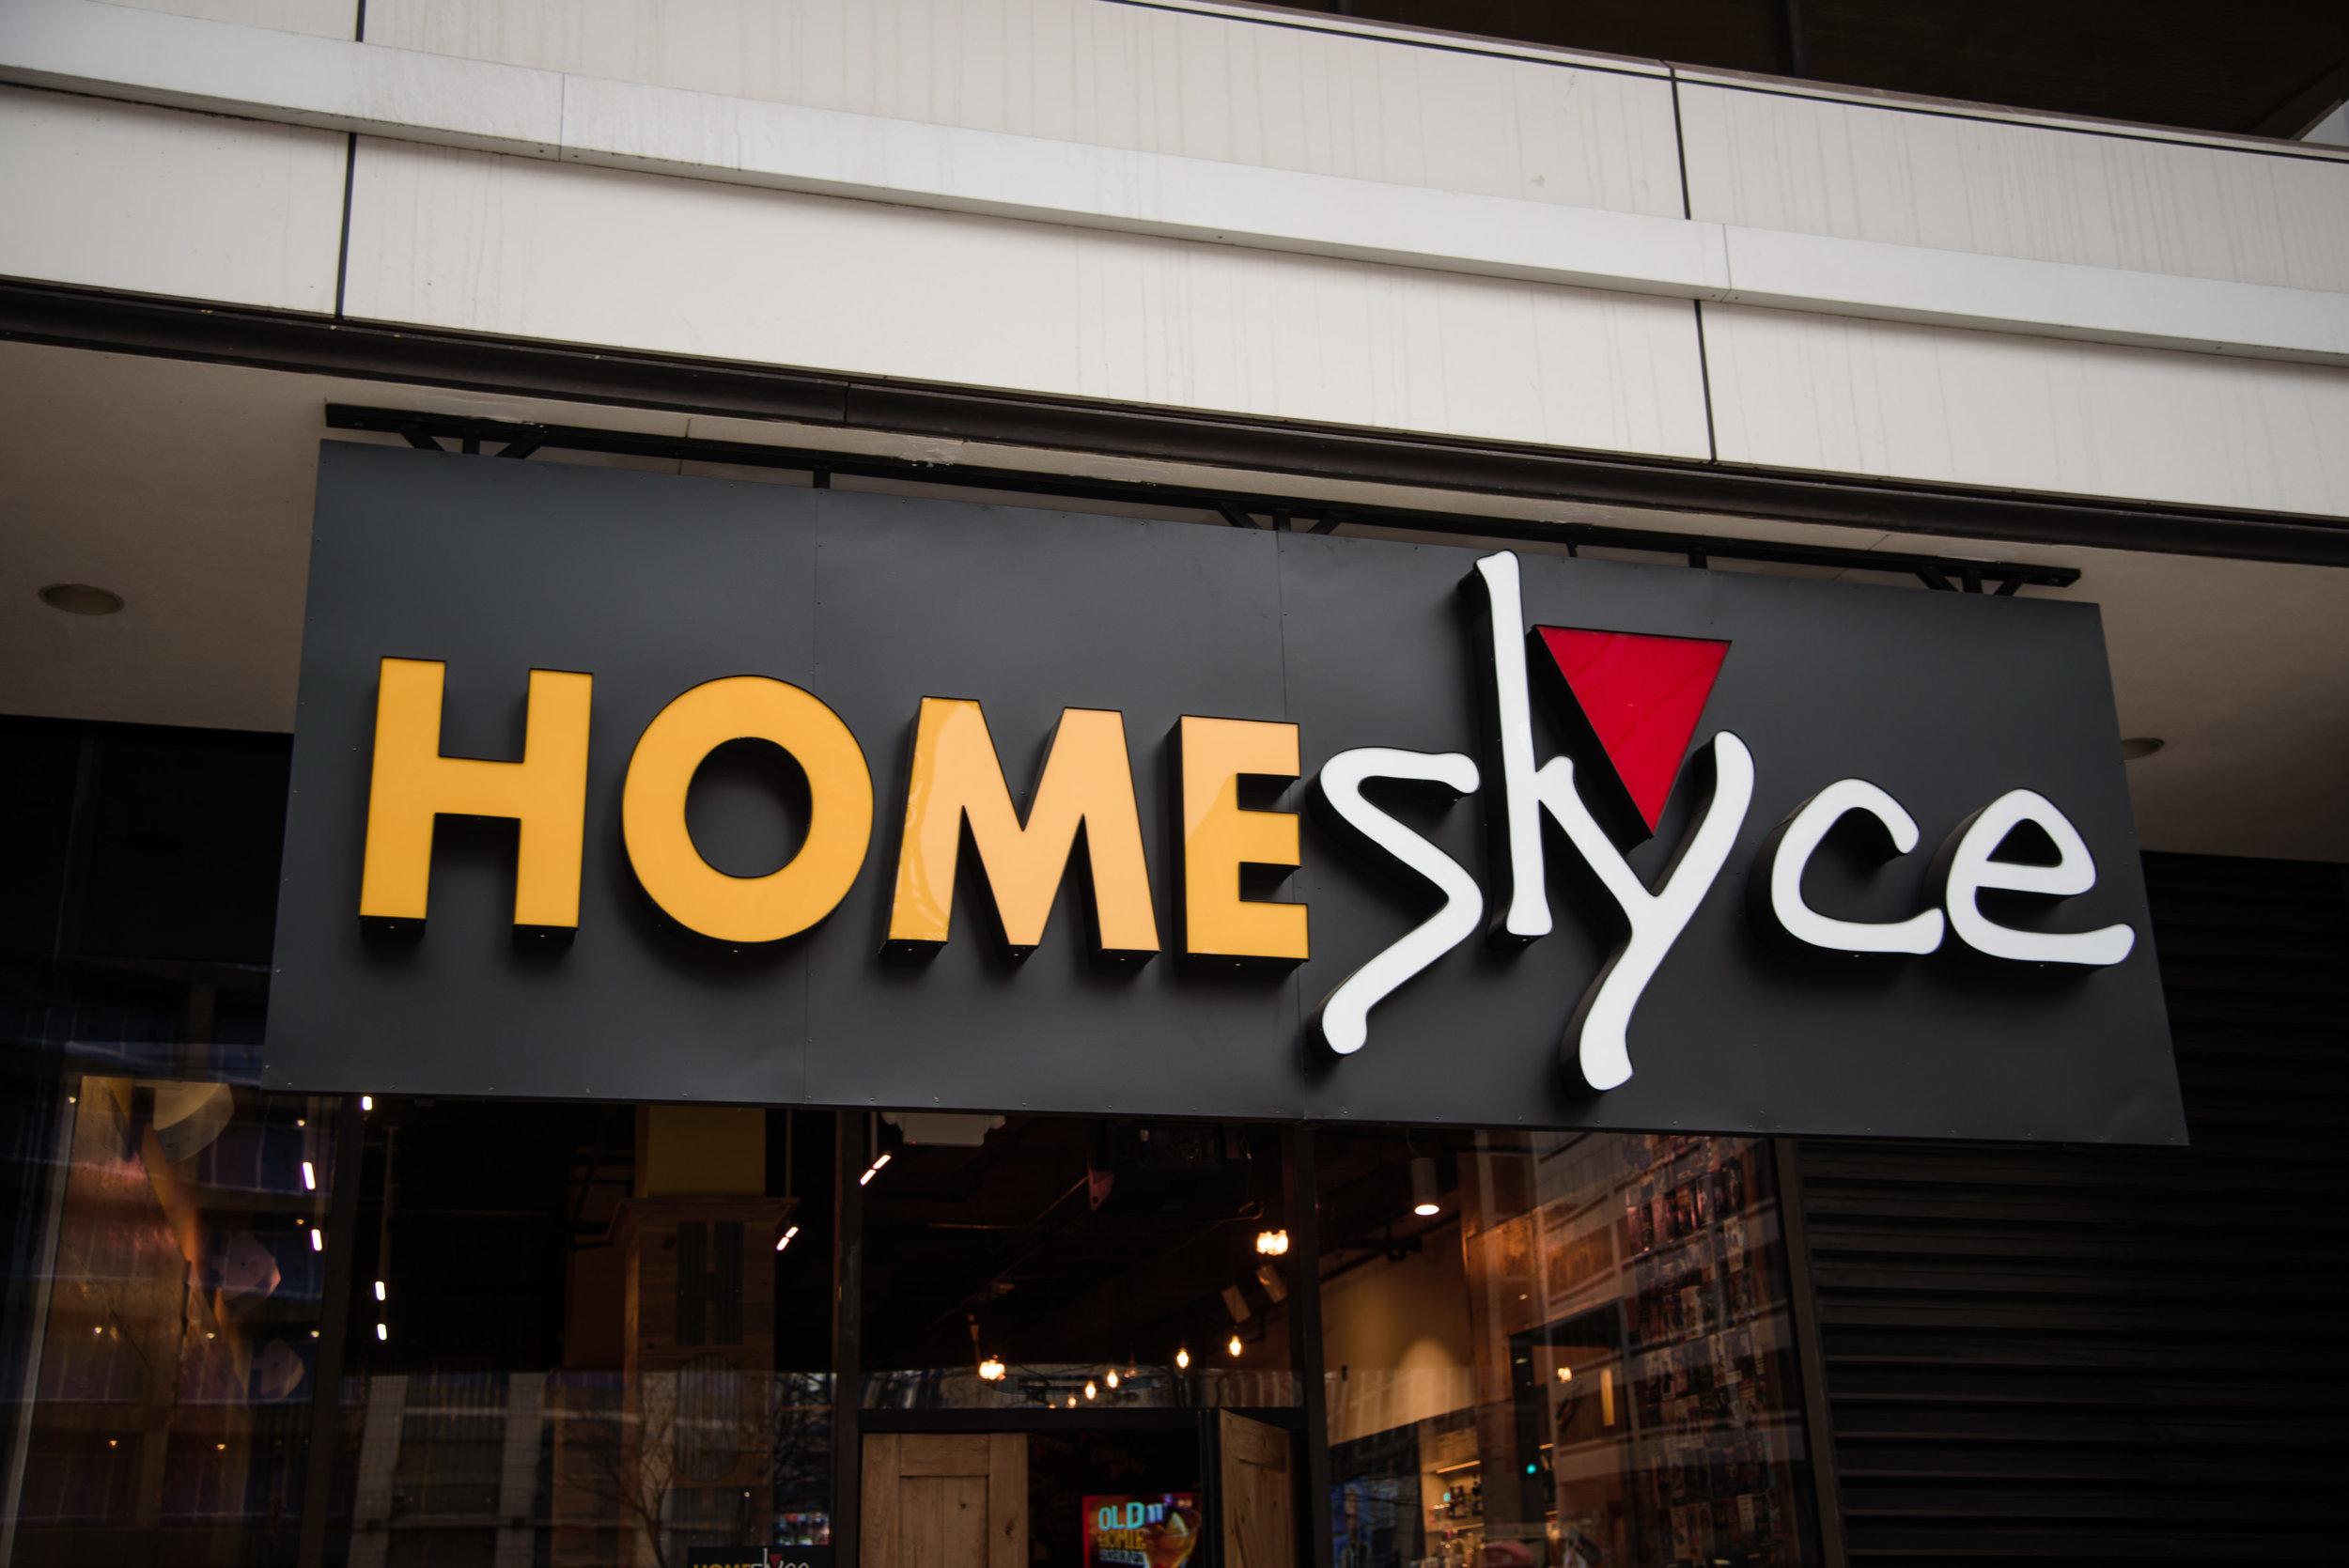 homeslyce-dc-2017-Dec08-3637.jpg